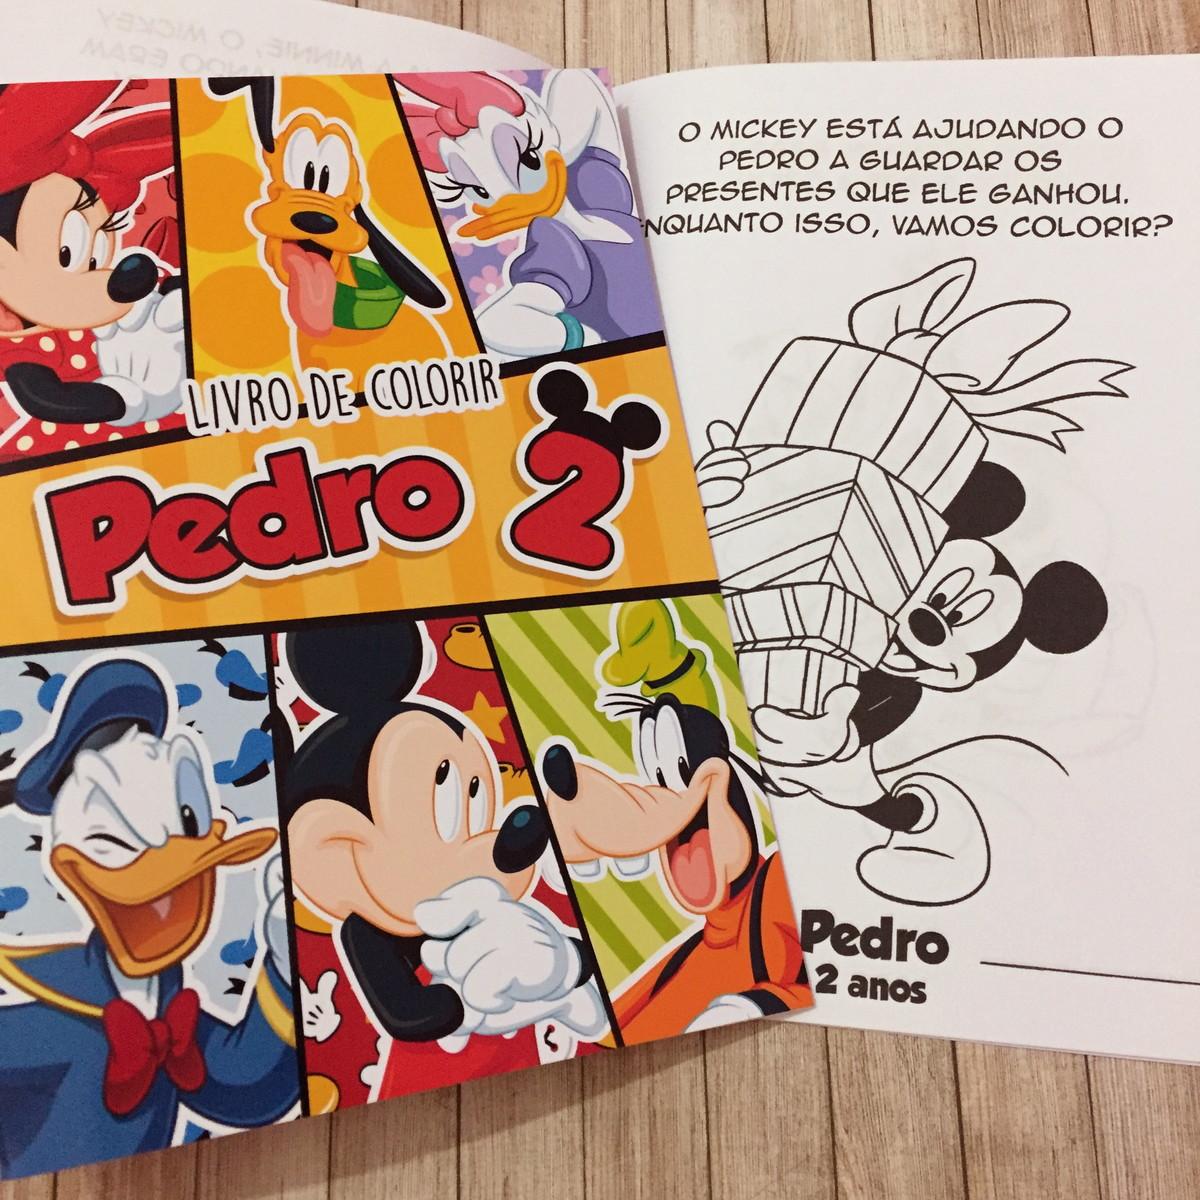 Livro De Colorir Turma Do Mickey No Elo7 Dreamland Solucoes